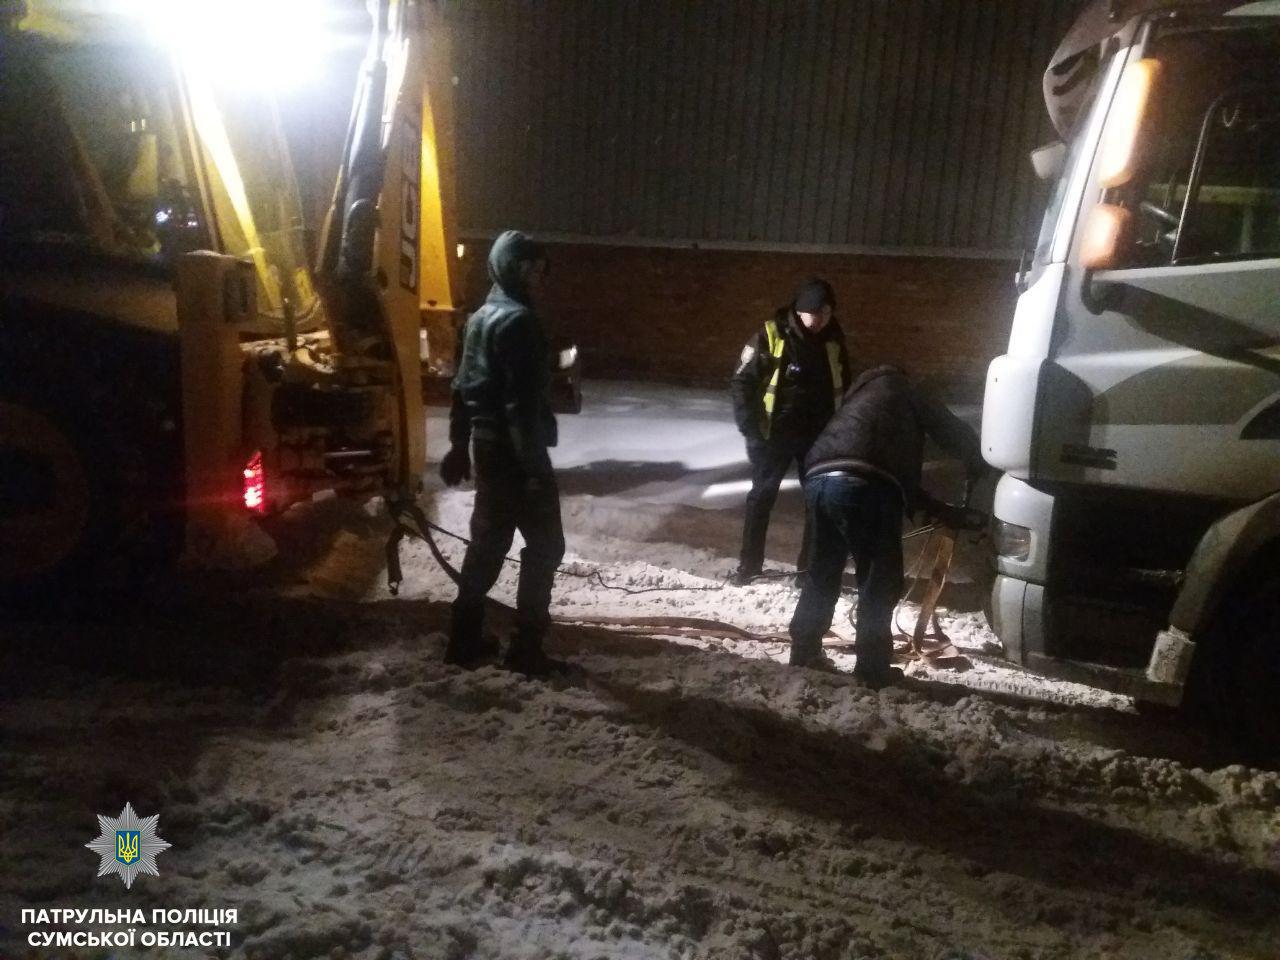 В Сумах патрульные помогли освободить грузовик DAF из снежной ловушки, фото-2